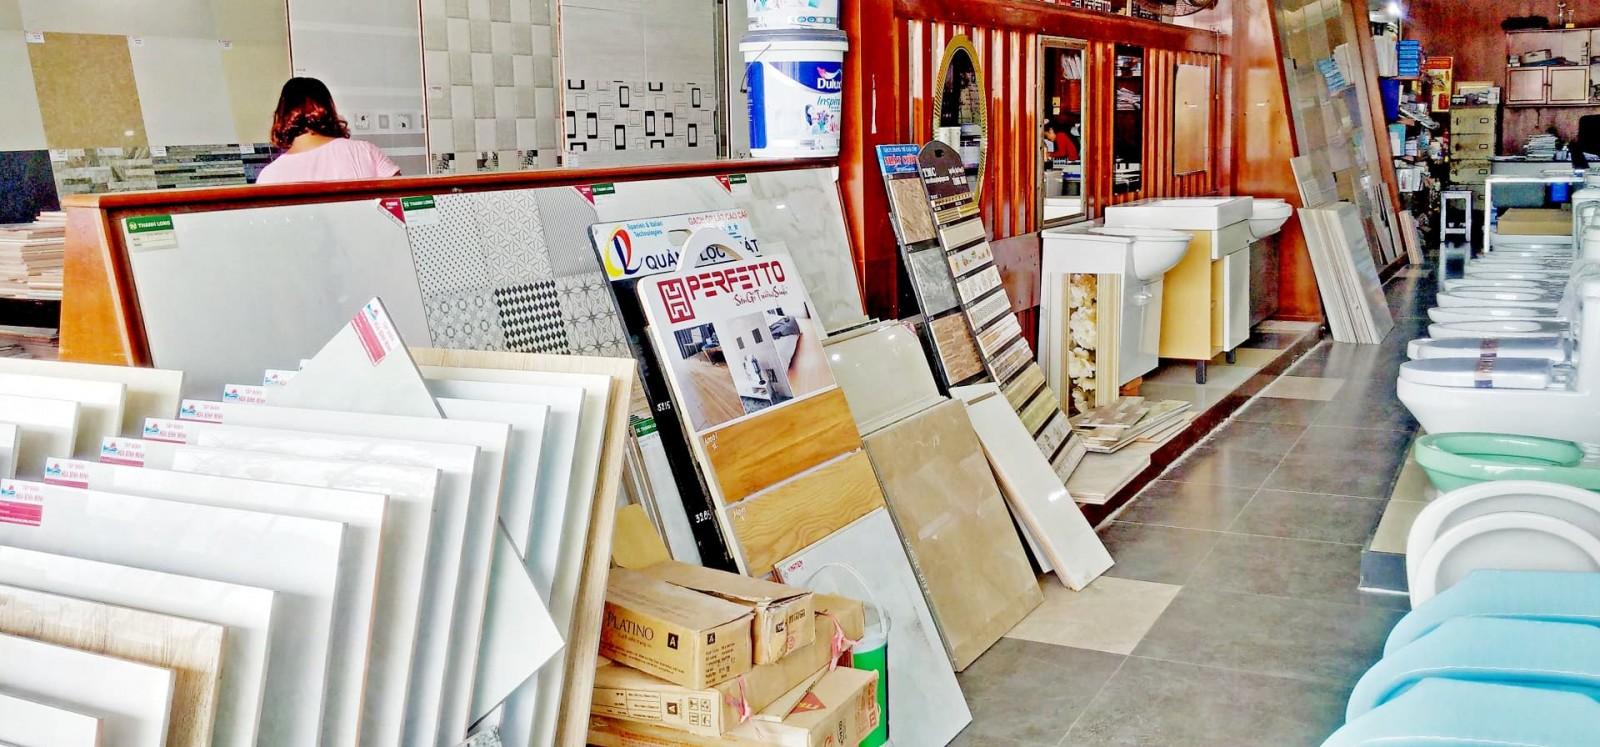 2 kinh doanh vật liệu xây dựng